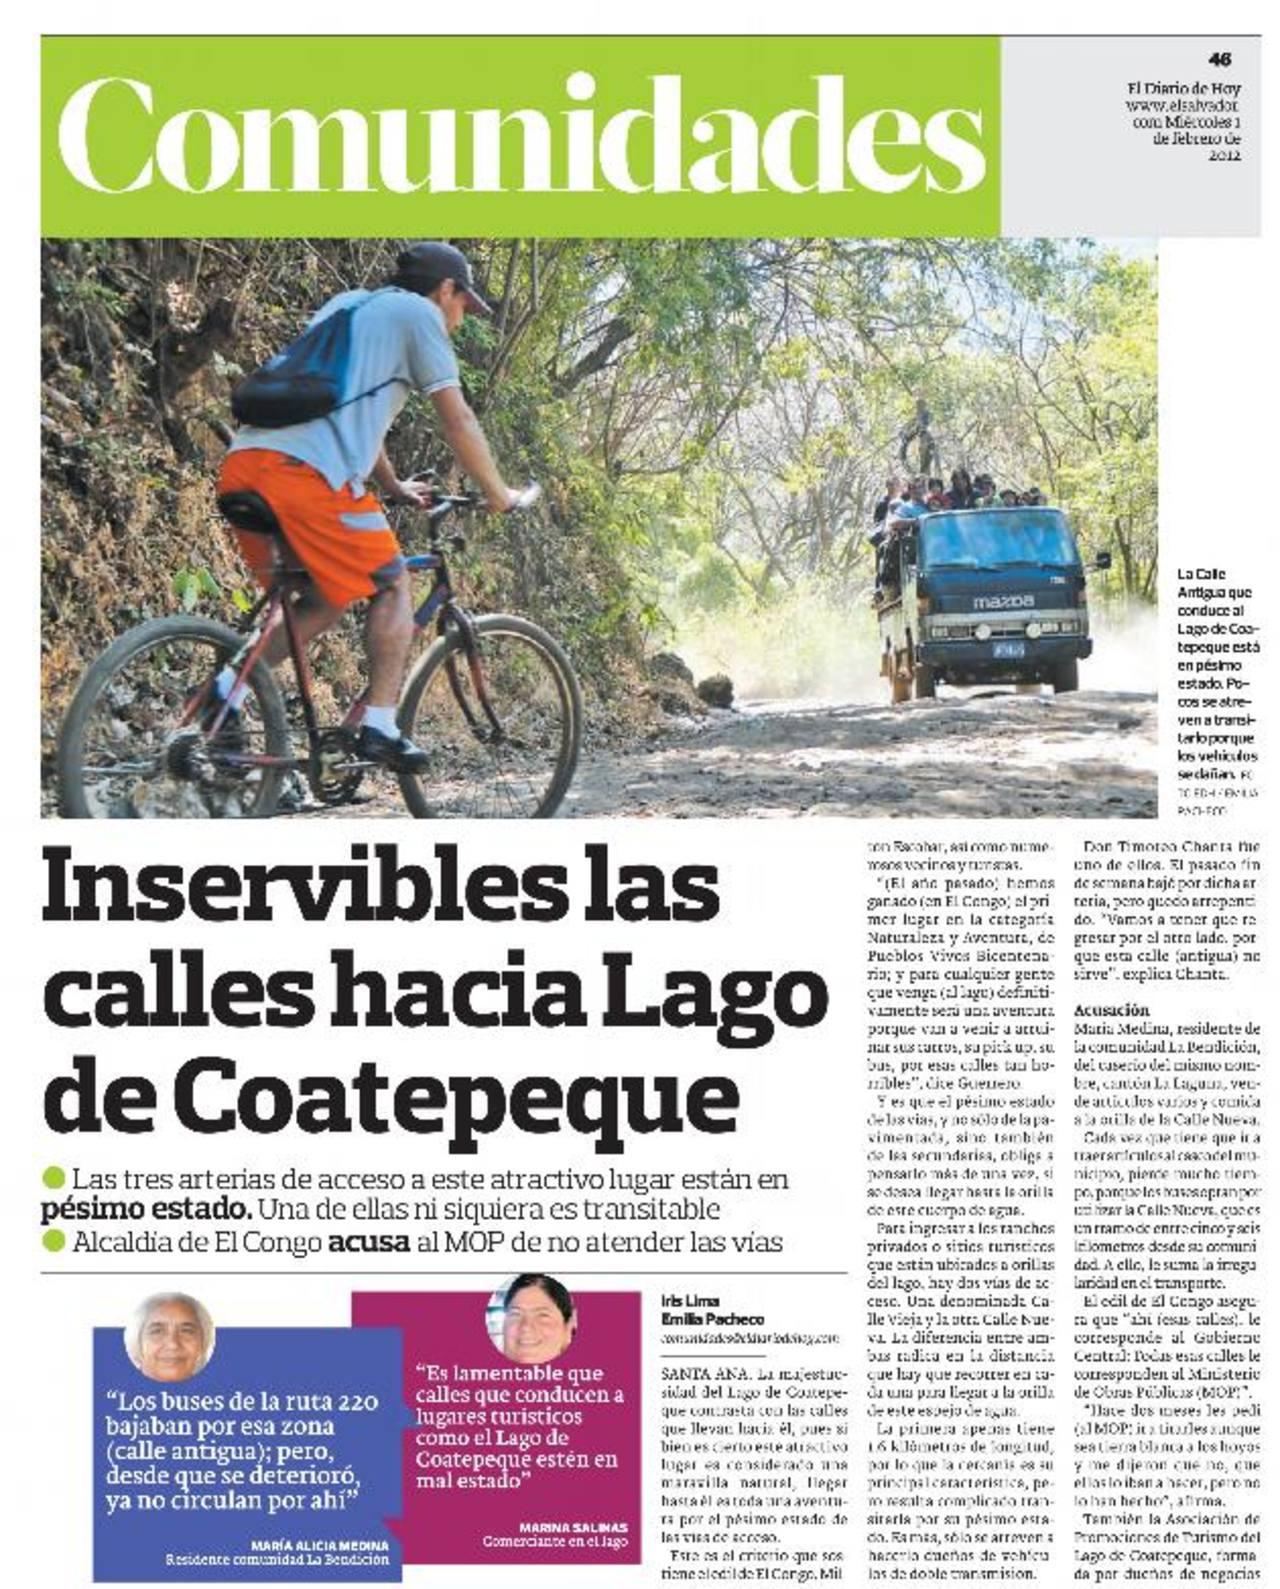 Estado de vías afecta progreso del turismo en Coatepeque